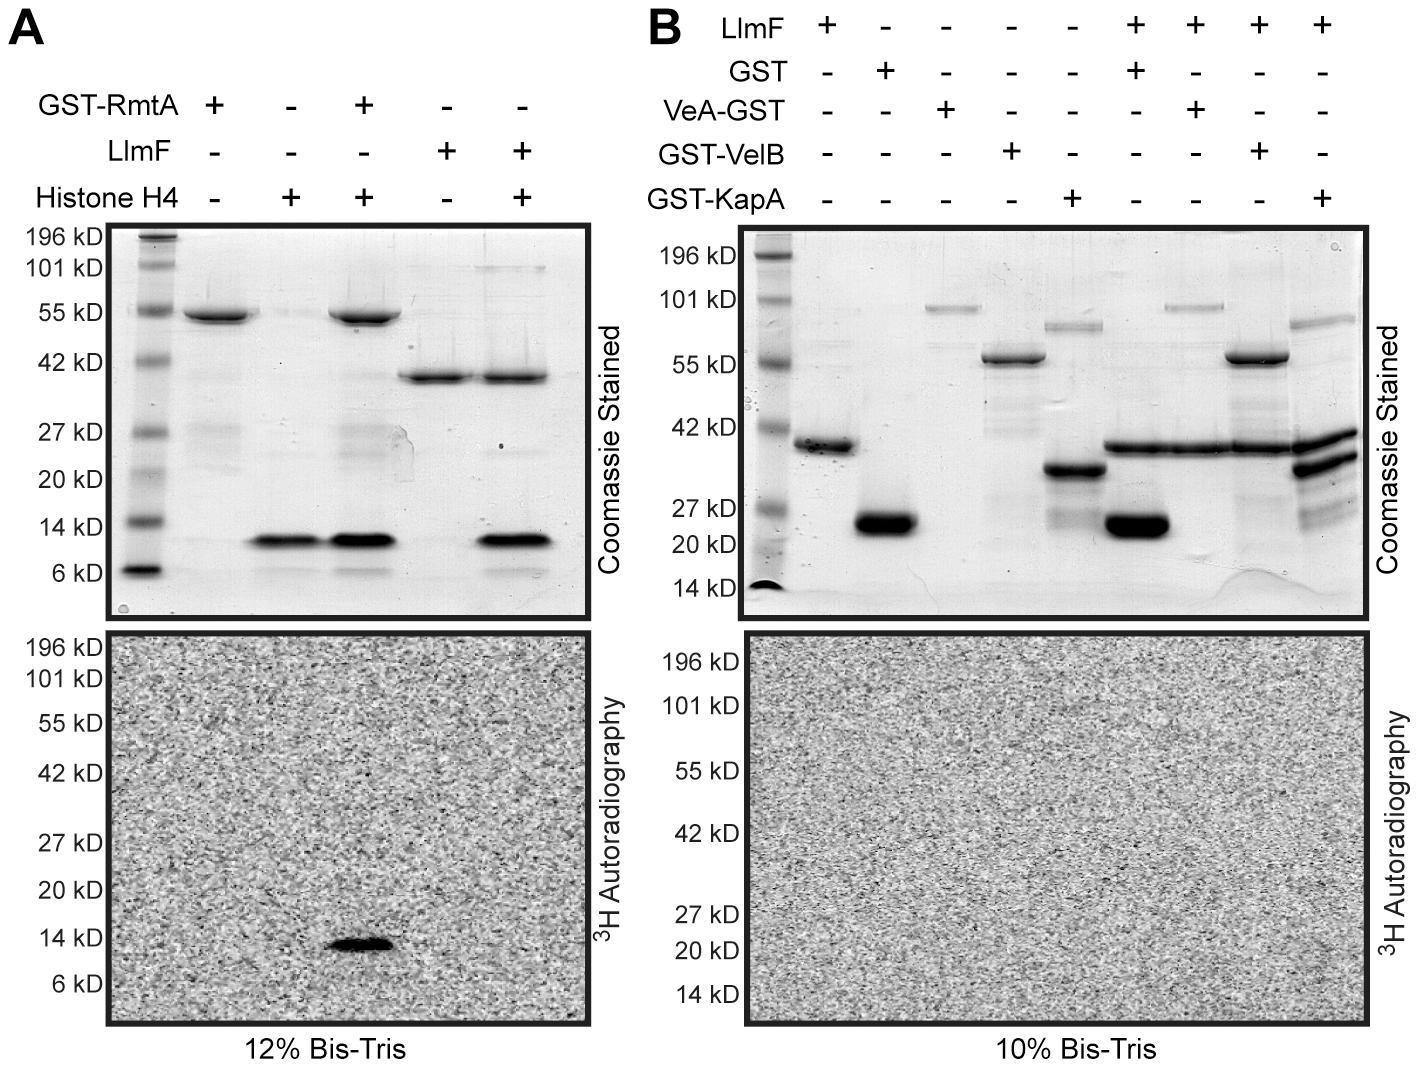 LlmF does not methylate the velvet complex <i>in vitro</i>.